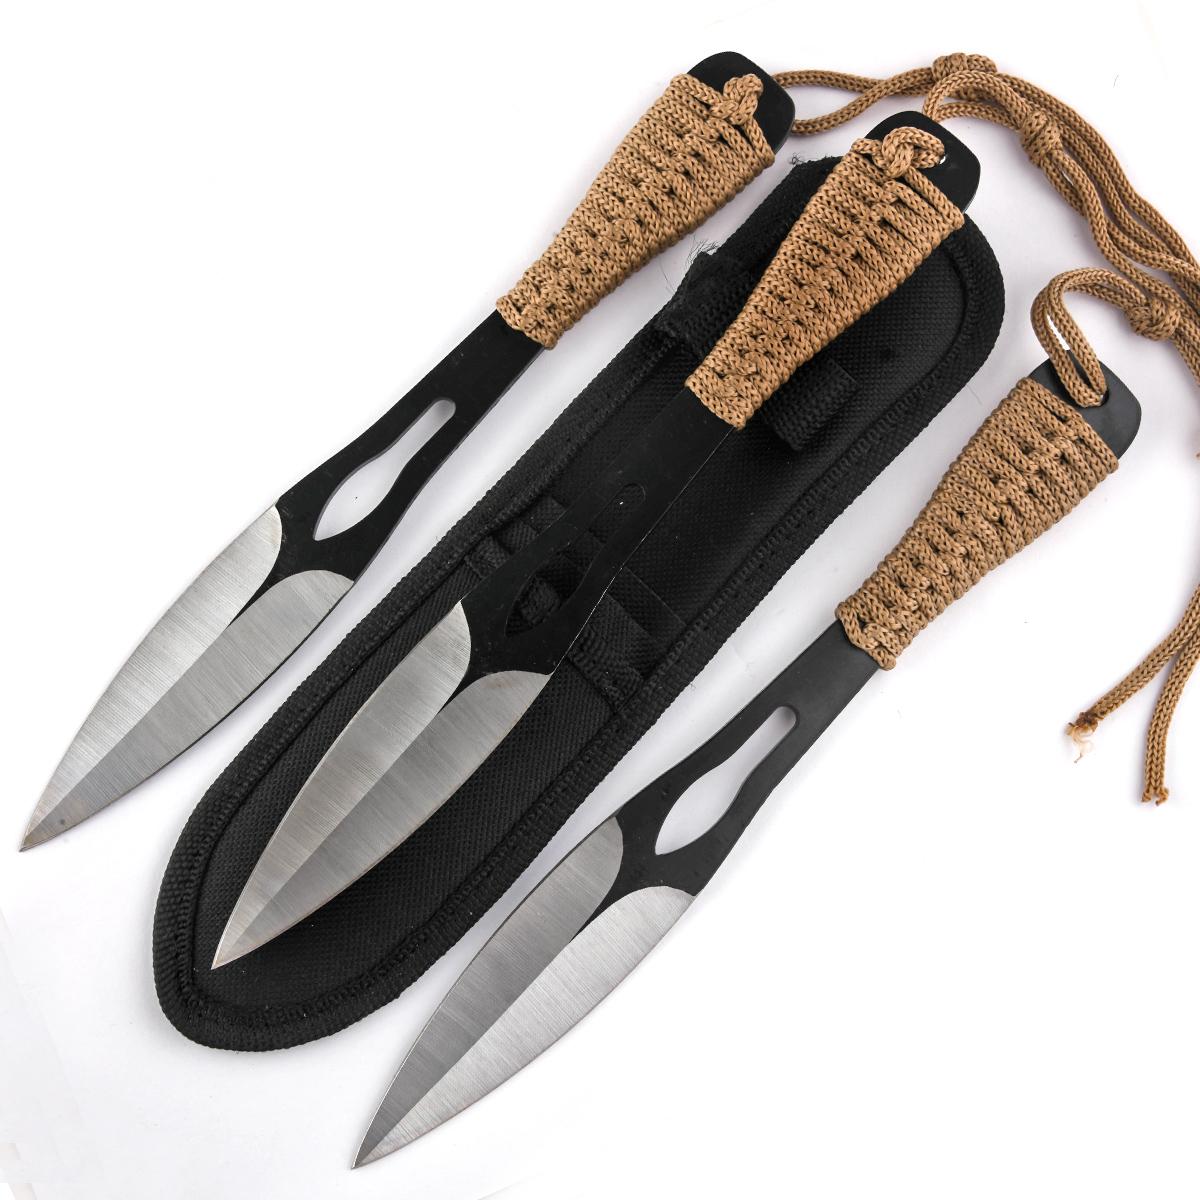 Сбалансированные ножи для спортивного метания